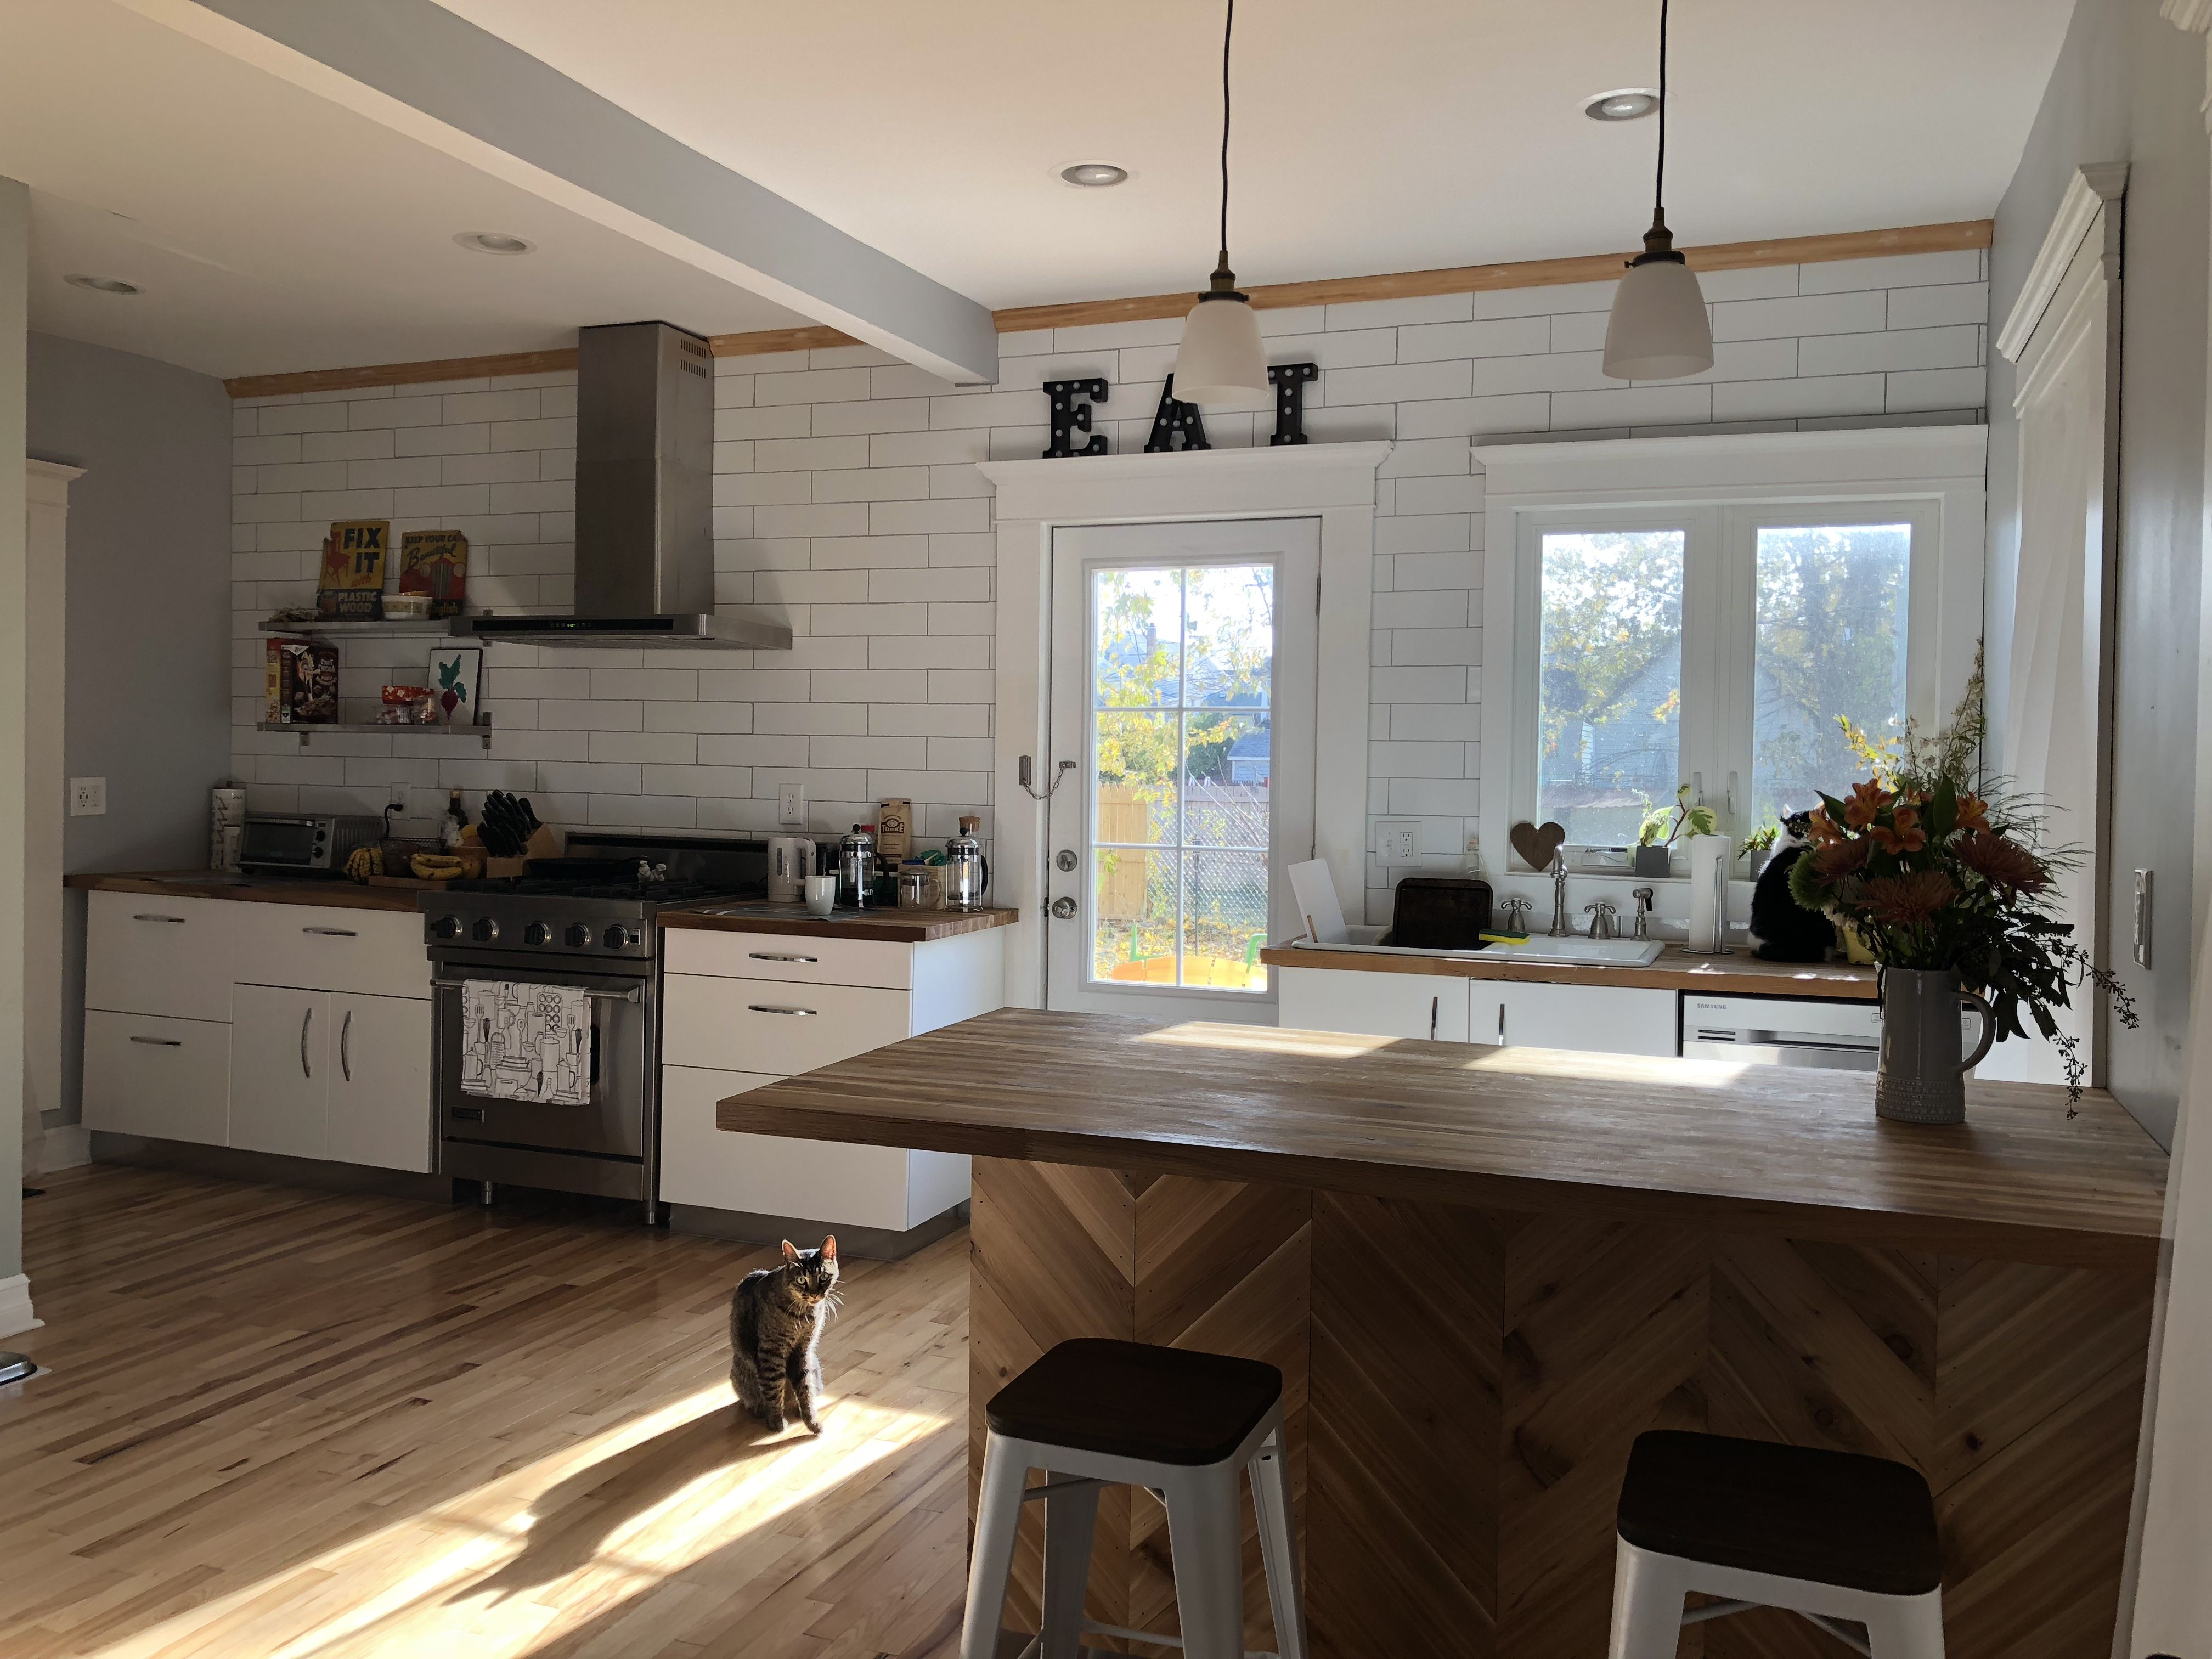 Longer white tile backsplash installed from the